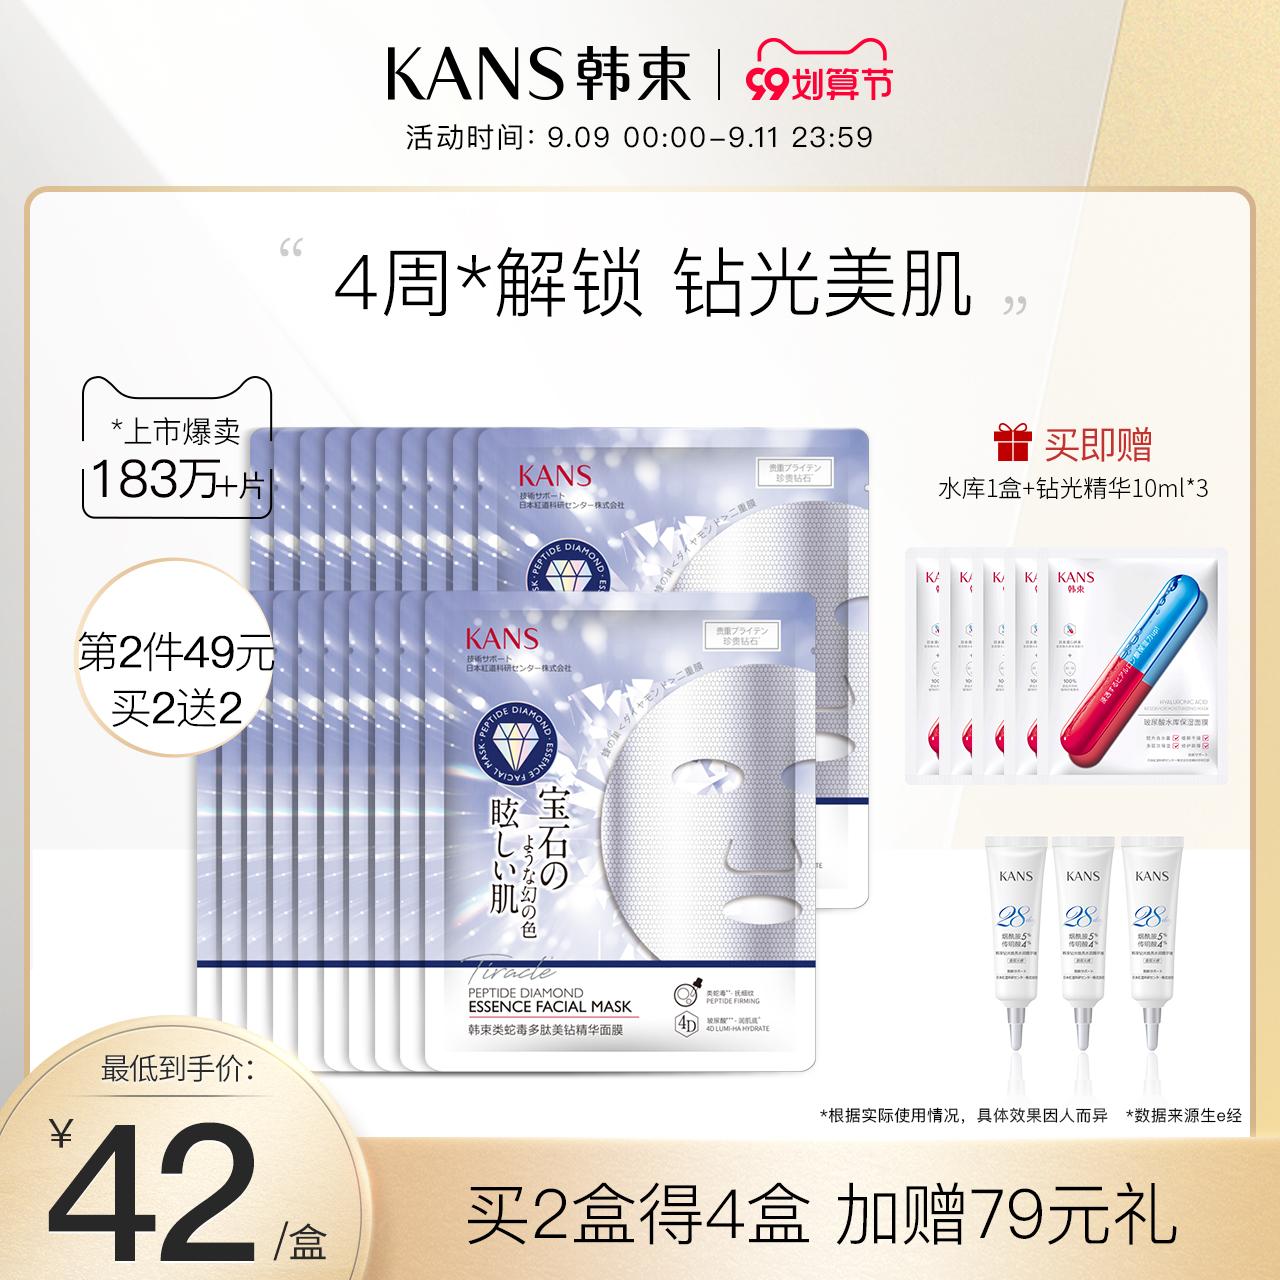 【99】韩束极光钻石面膜玻尿酸补水保湿提亮肤色弹嫩修护提拉紧致